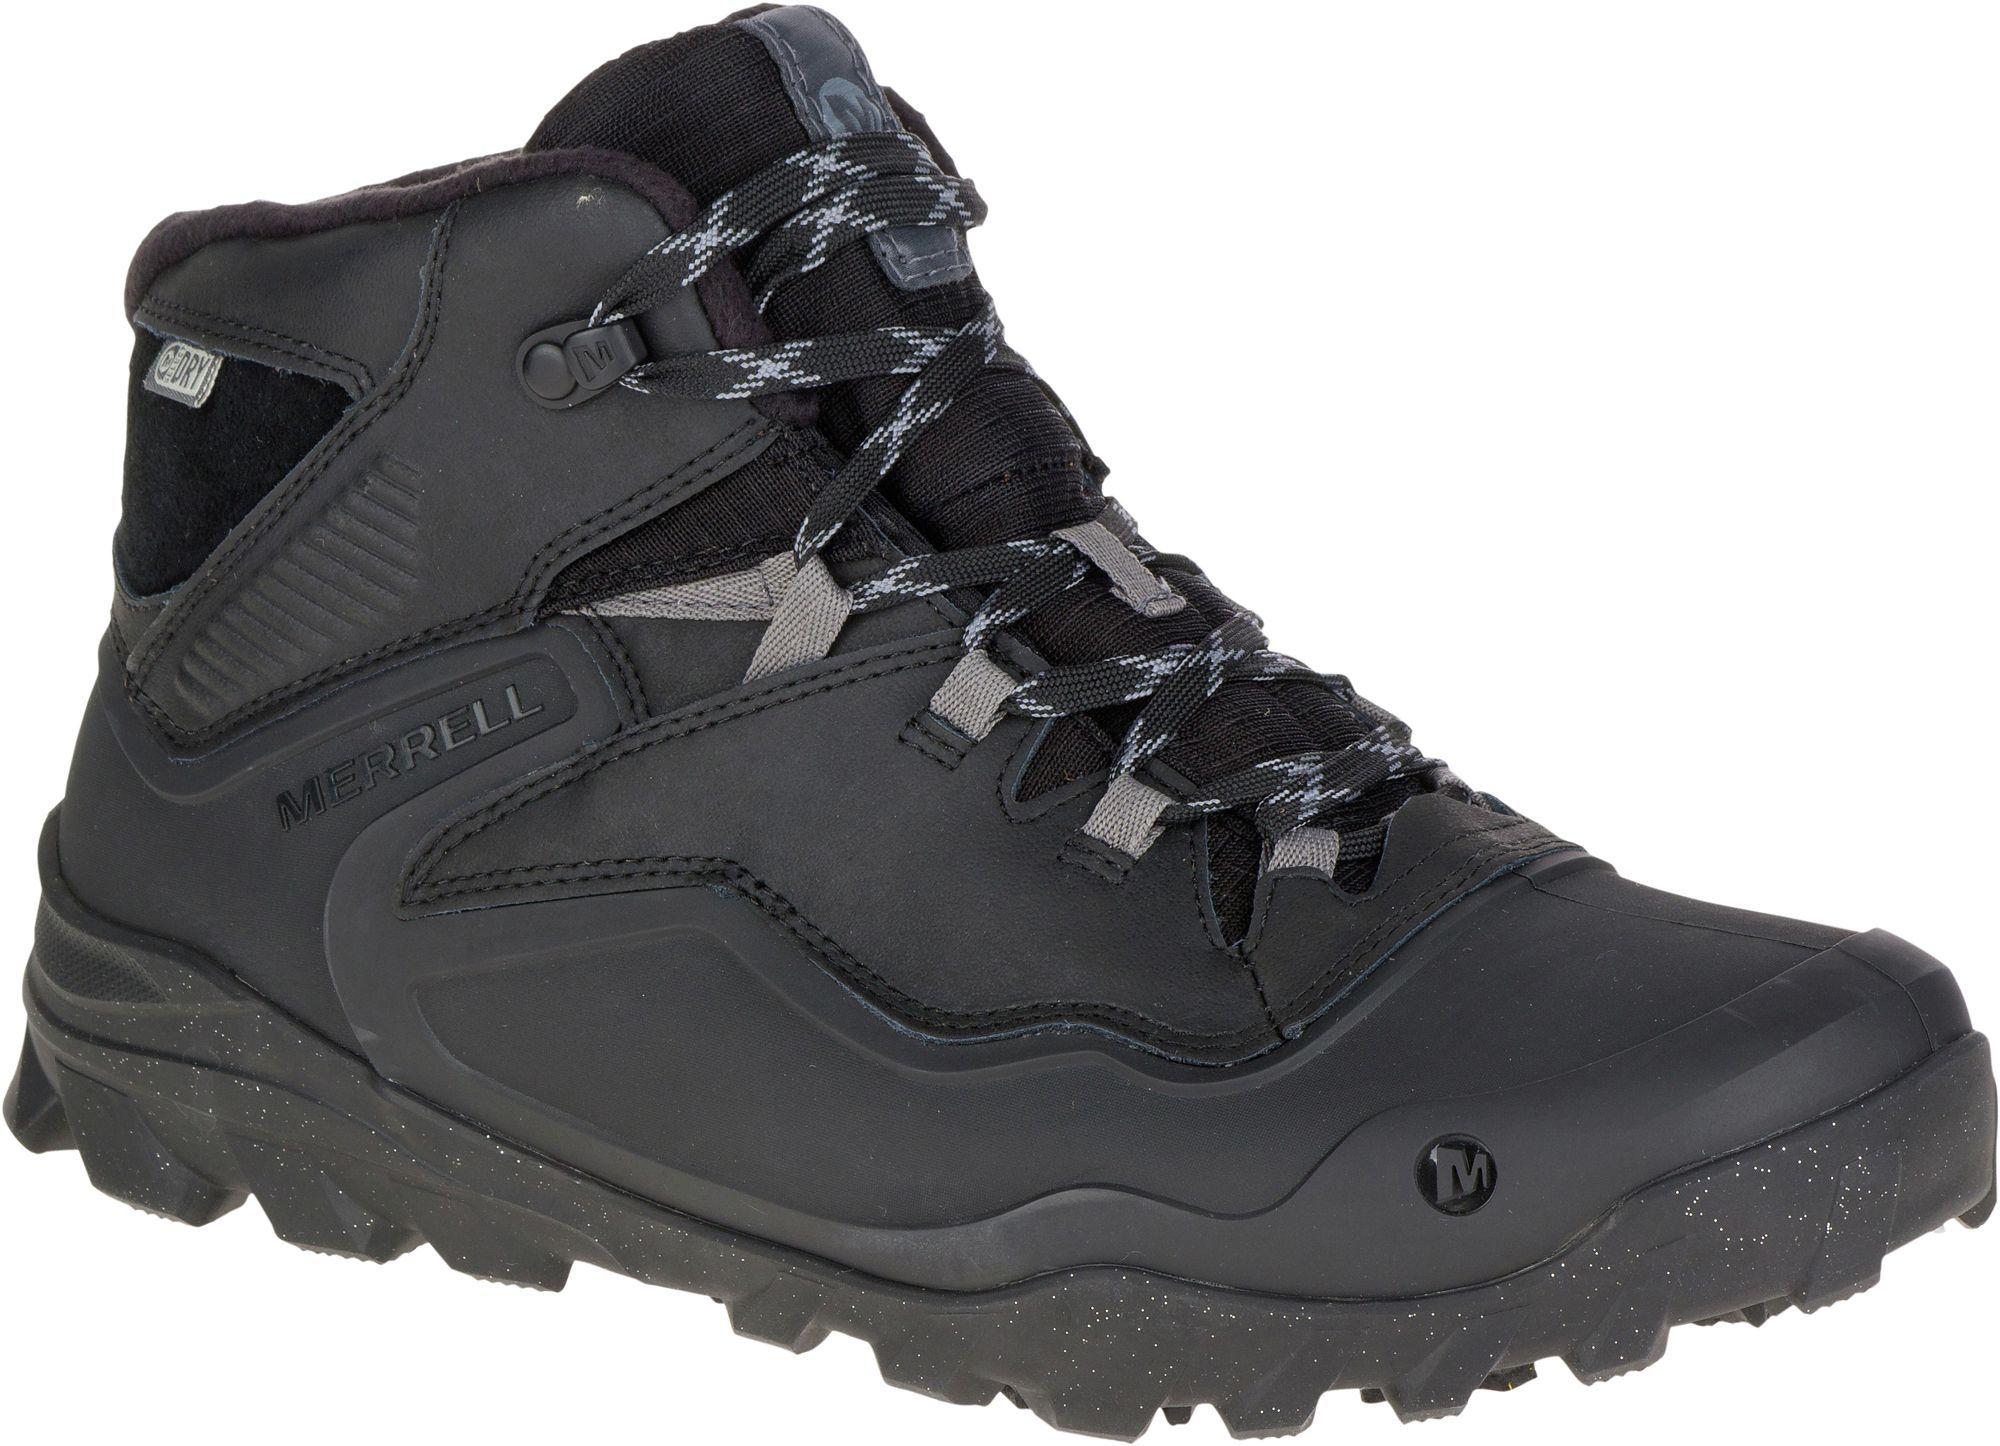 97b53232262 Merrell Men's Overlook 6 ICE+ Waterproof Winter Boots | Products ...